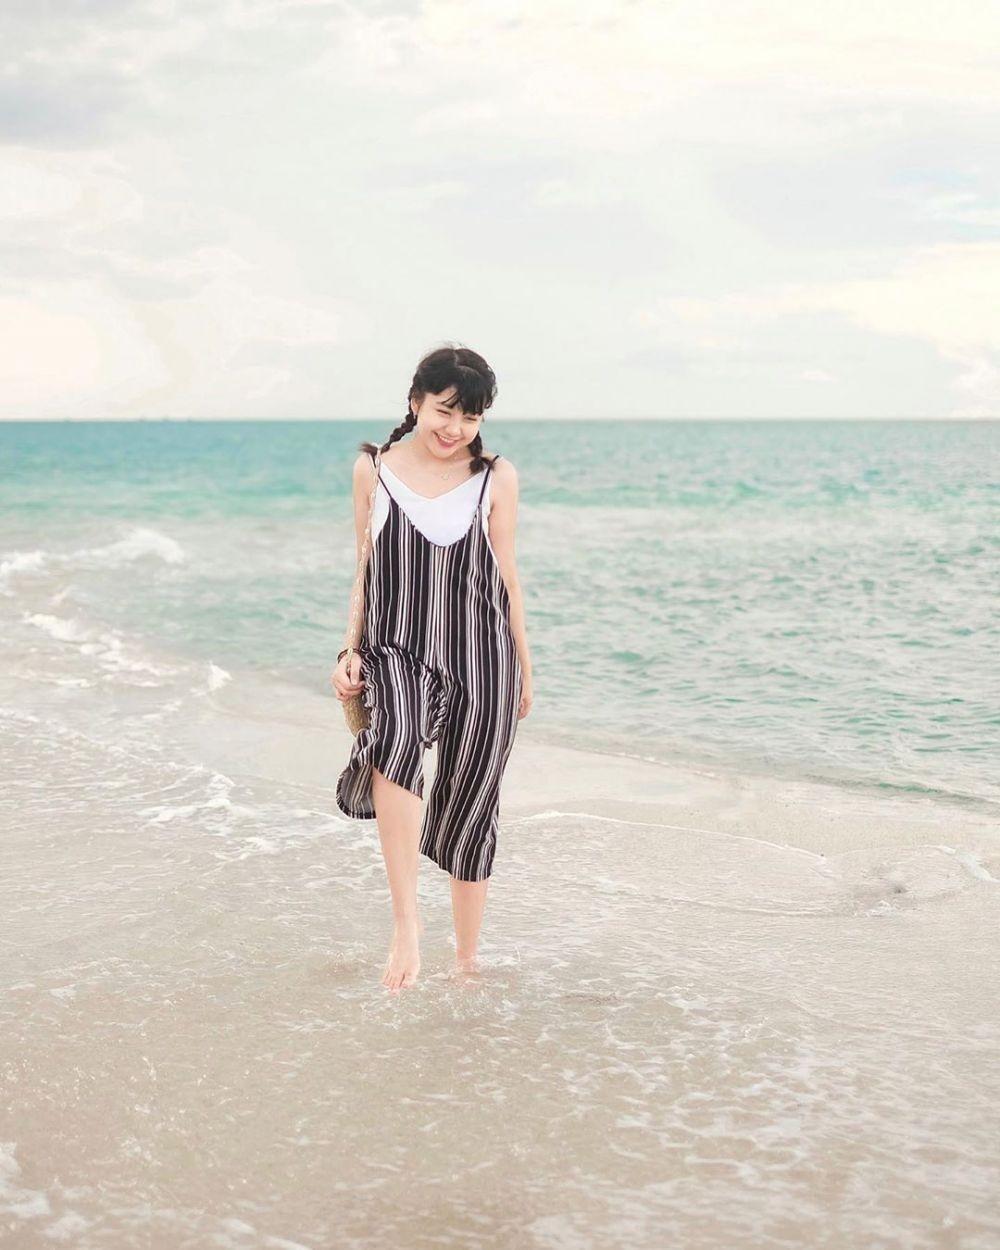 OOTD Liburan ala Ghea Indrawari, Banyak Inspirasi Outfit ke Pantai!